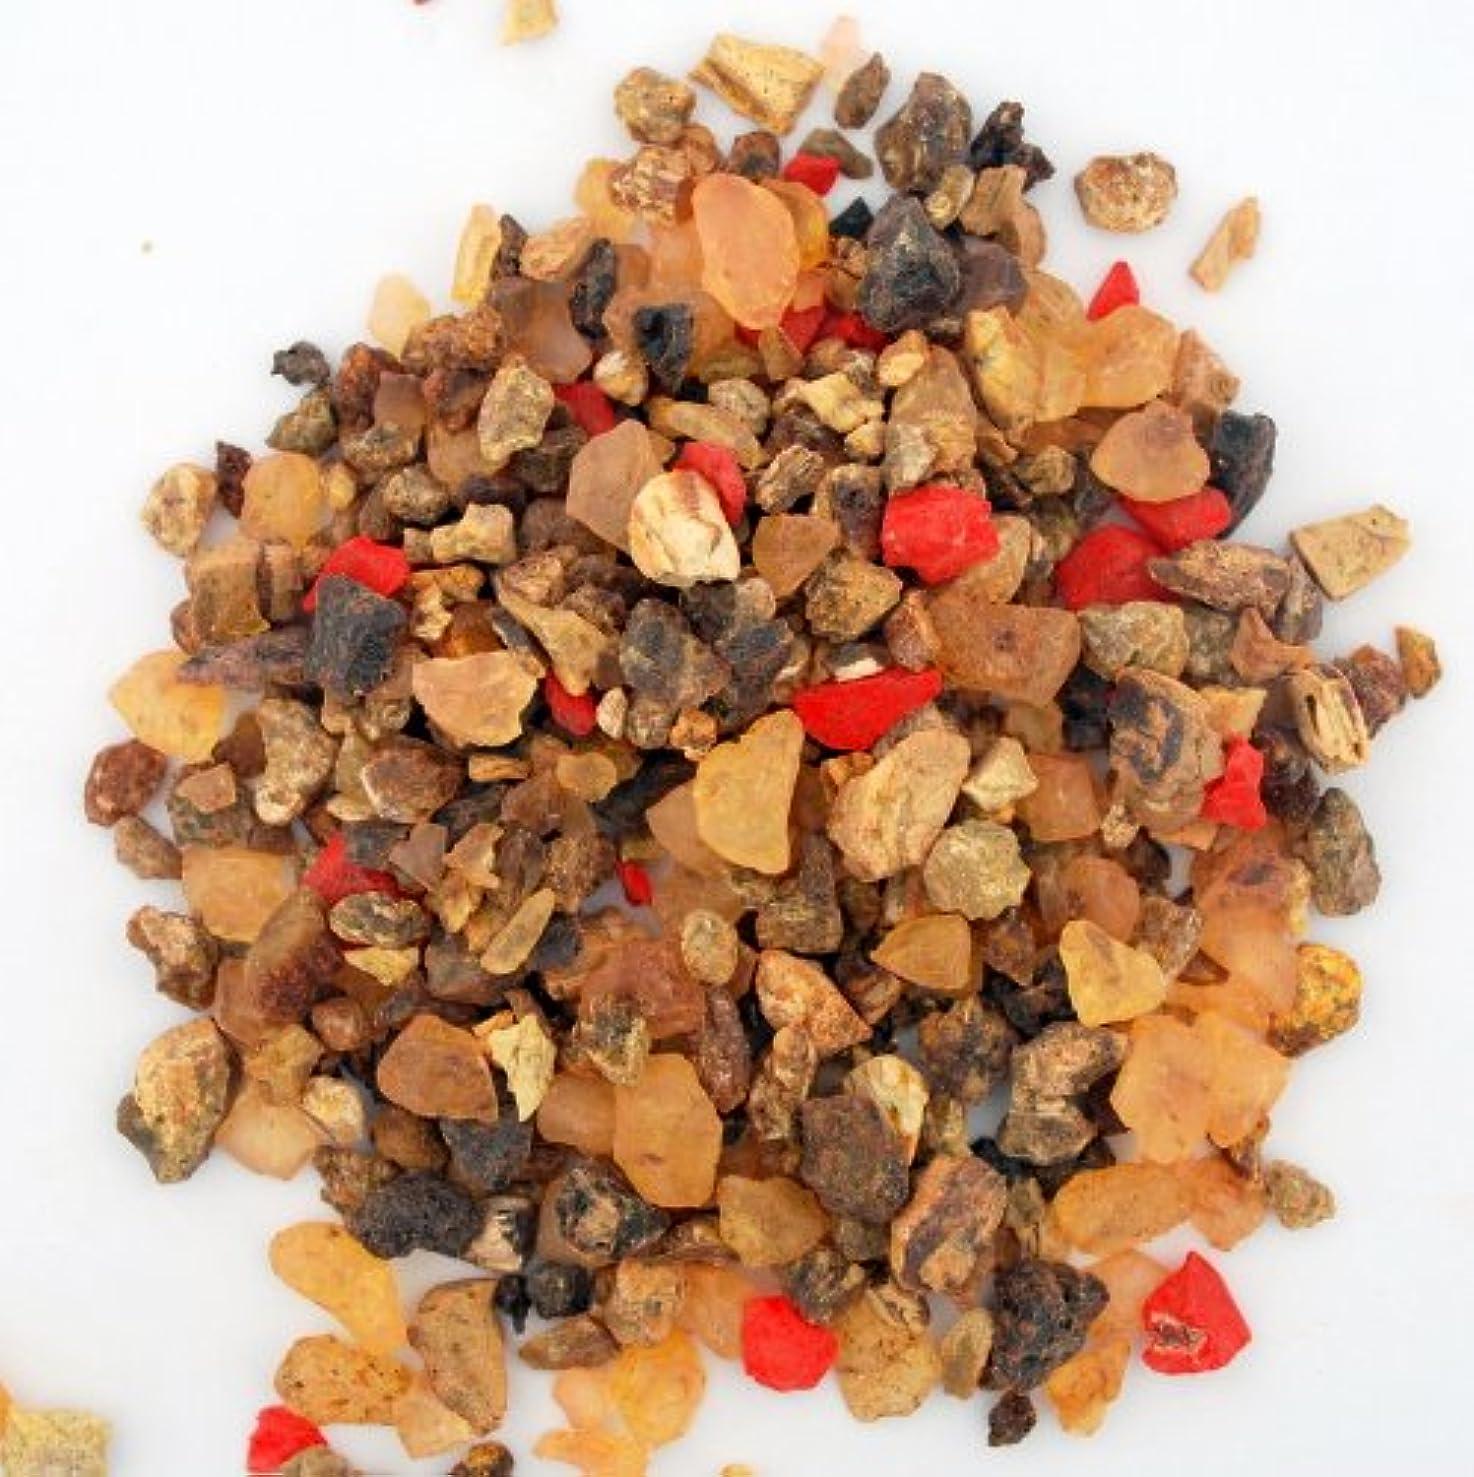 エンディングローマ人悲しむTrinity樹脂Incense – 1ポンドボックス – フローラルブレンド香り